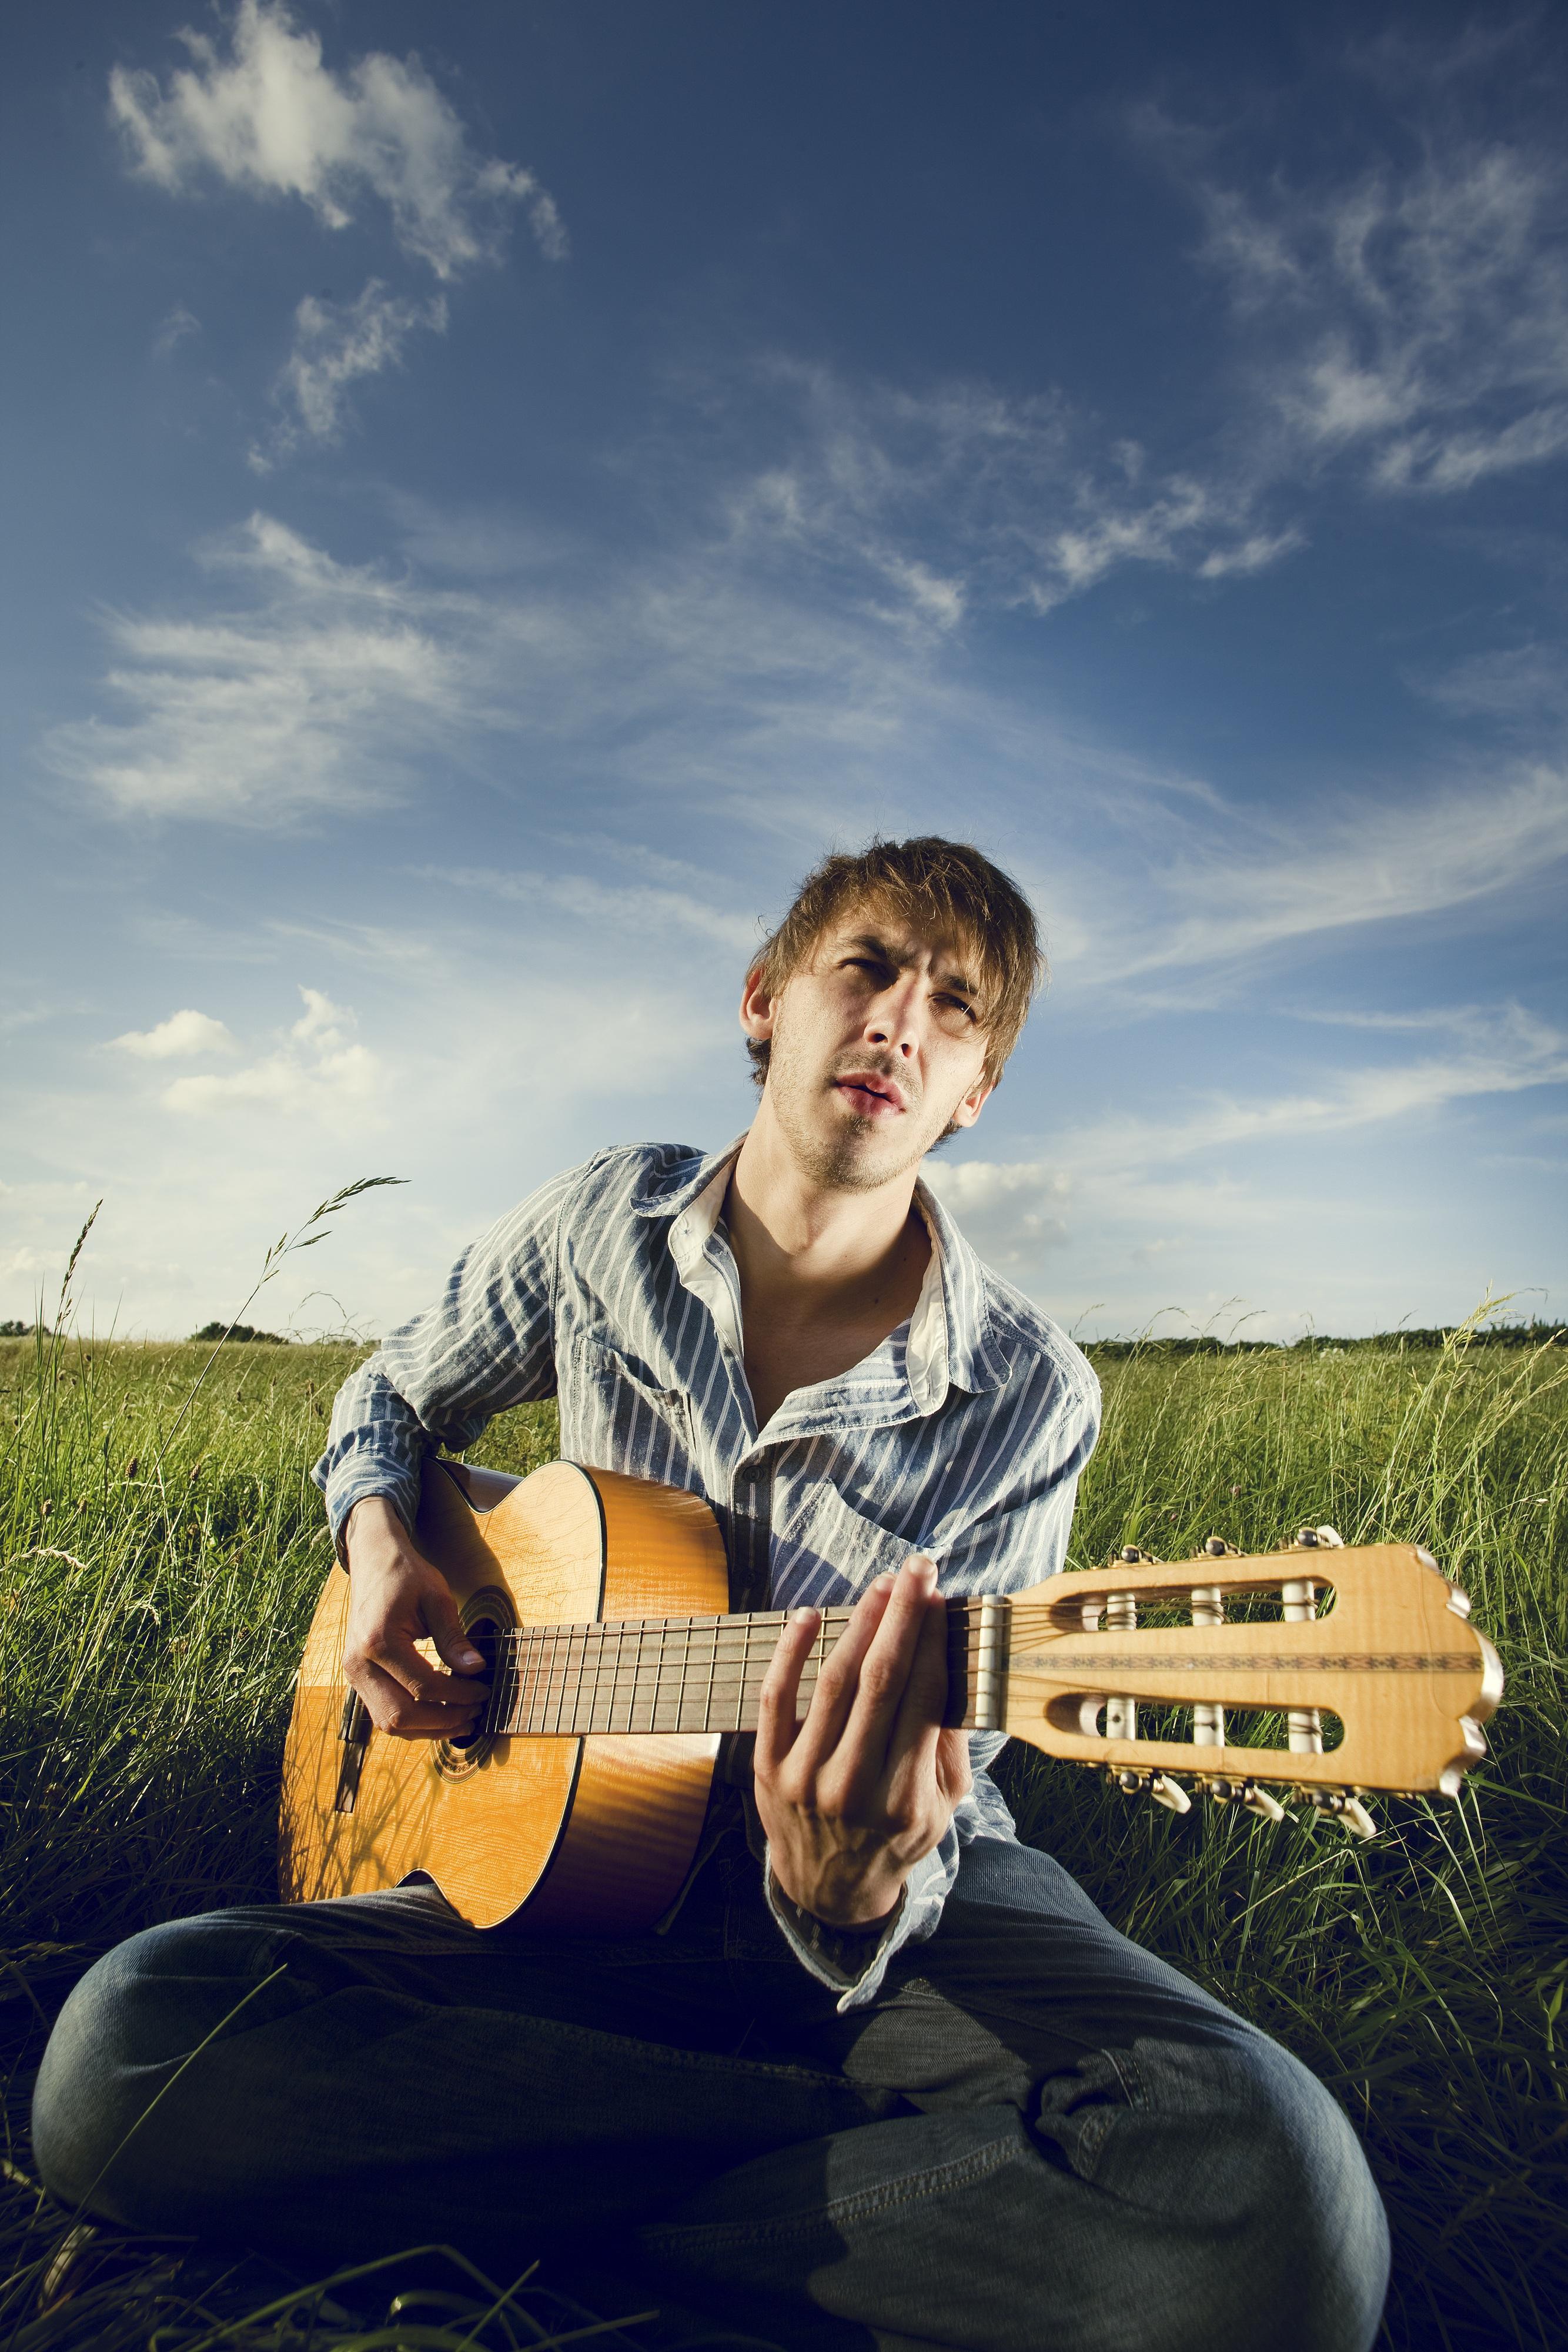 друг фото людей с гитарой упаковке скоропортящихся